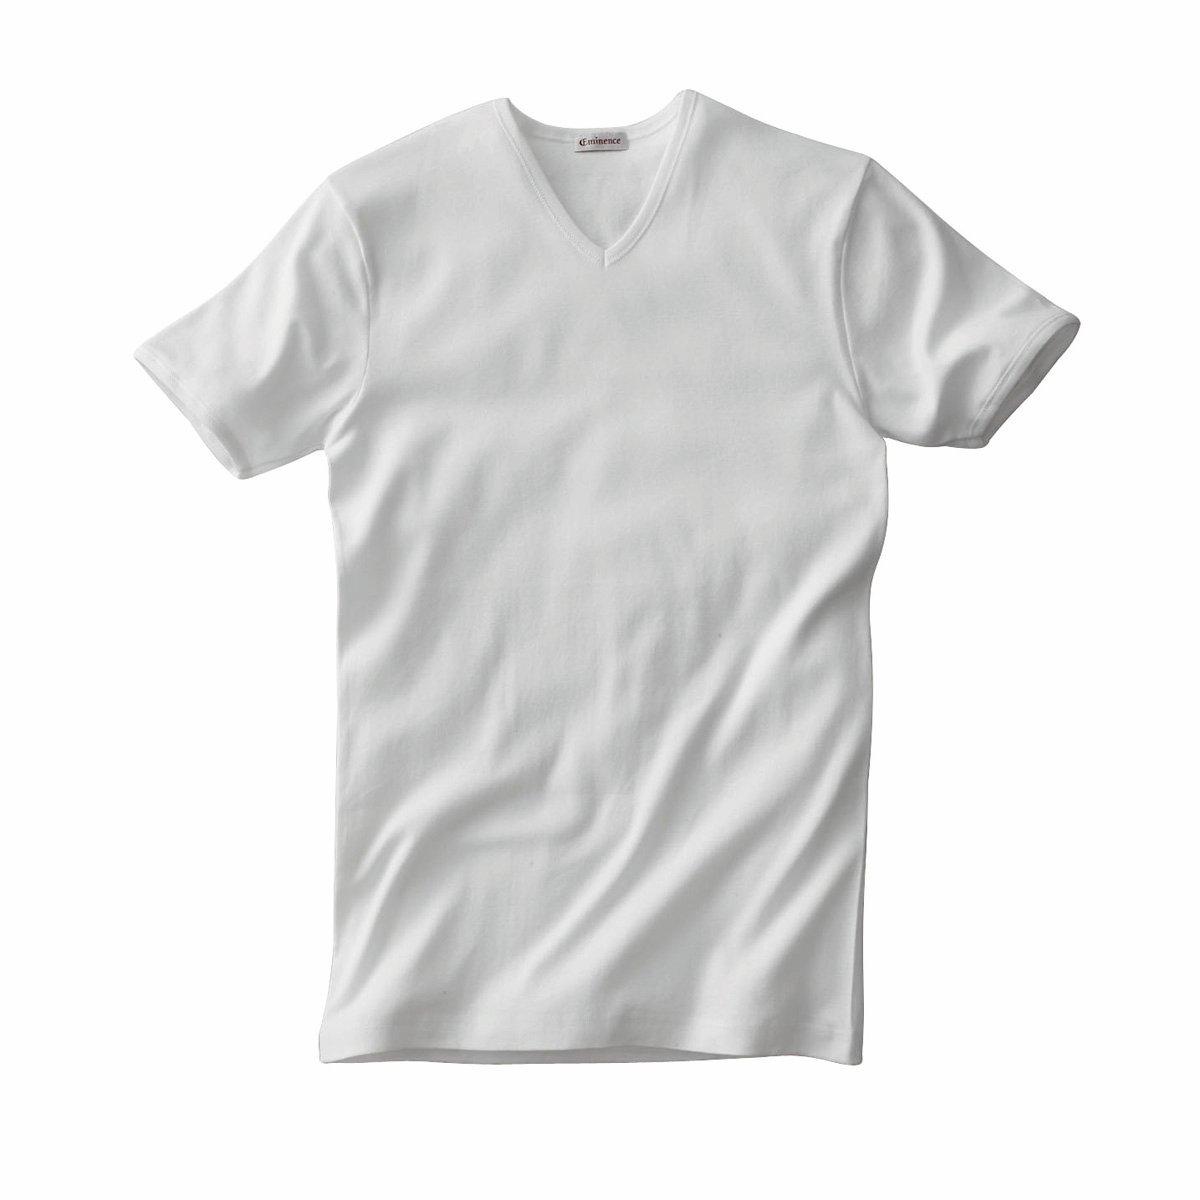 Комплект из 2 футболок EMINENCE с V-образным вырезом и короткими рукавами2 футболки EMINENCE из трикотажа в тонкий рубчик, 100% гипоаллергенного хлопка. V-образный вырез и короткие рукава : приятный материал, минимальный риск аллергии. Ультракомфортная футболка ! Края связаны в рубчик.     В комплекте 2 футболки одного цвета.<br><br>Цвет: белый